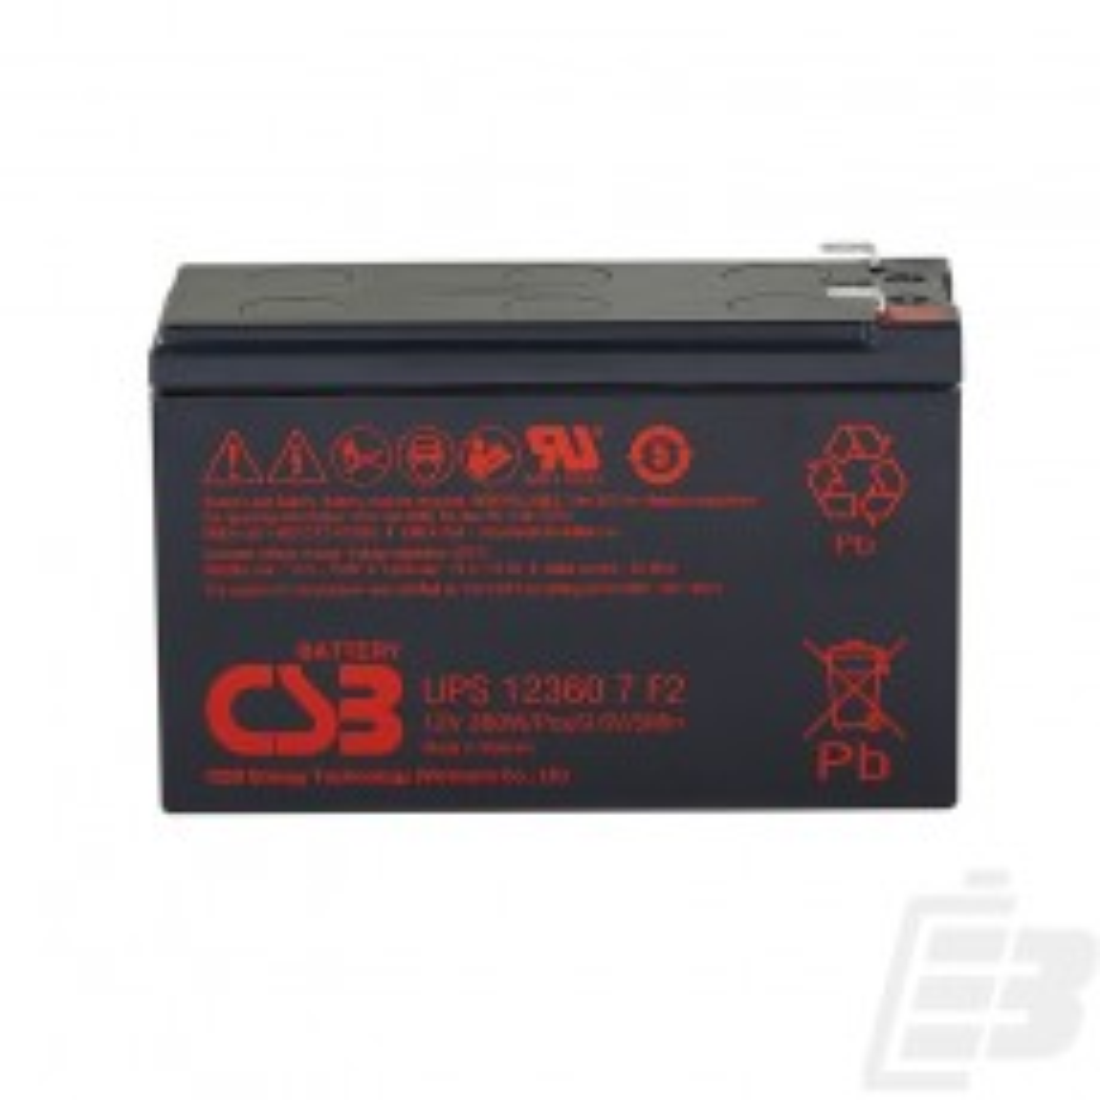 Μπαταρια Μολυβδου CSB UPS123607 12v  6ah 1